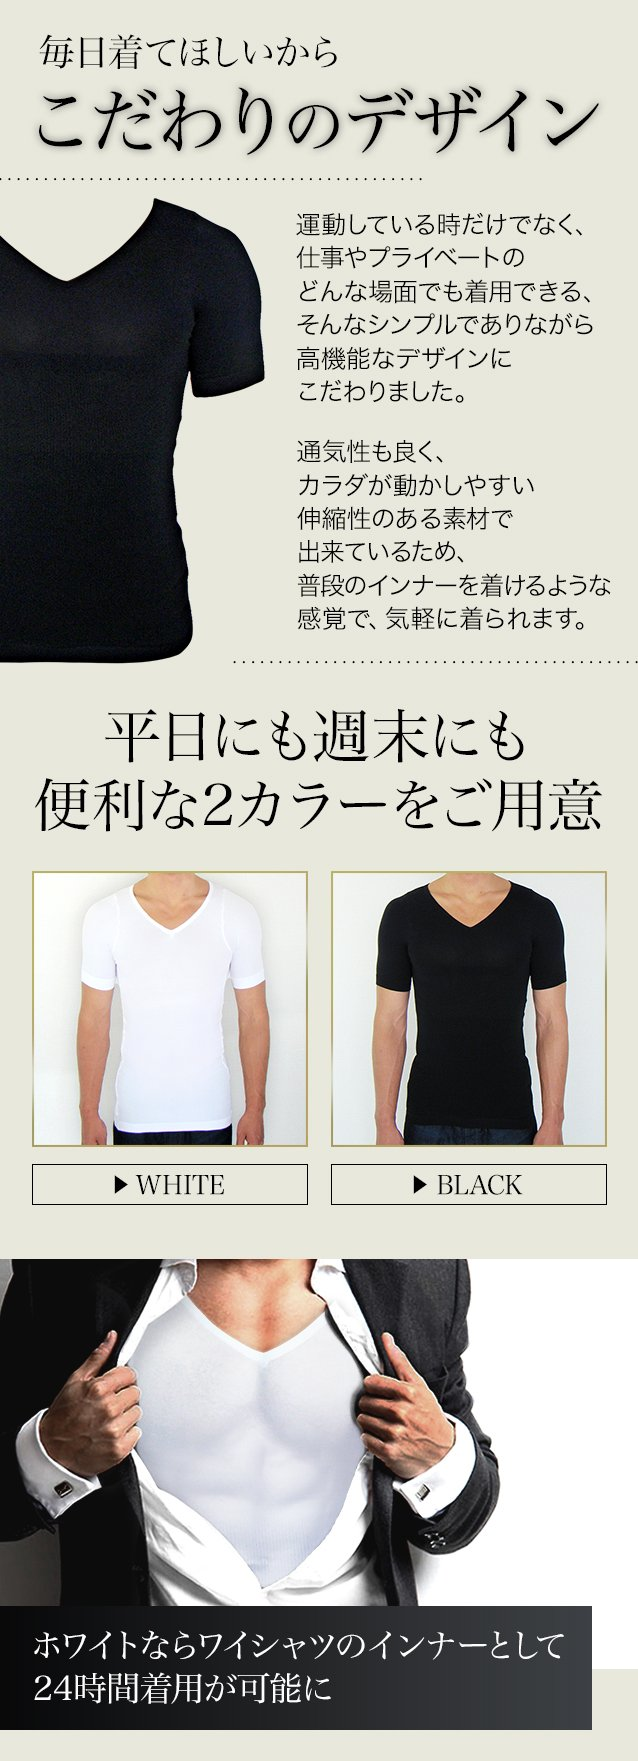 金剛筋シャツのデザイン